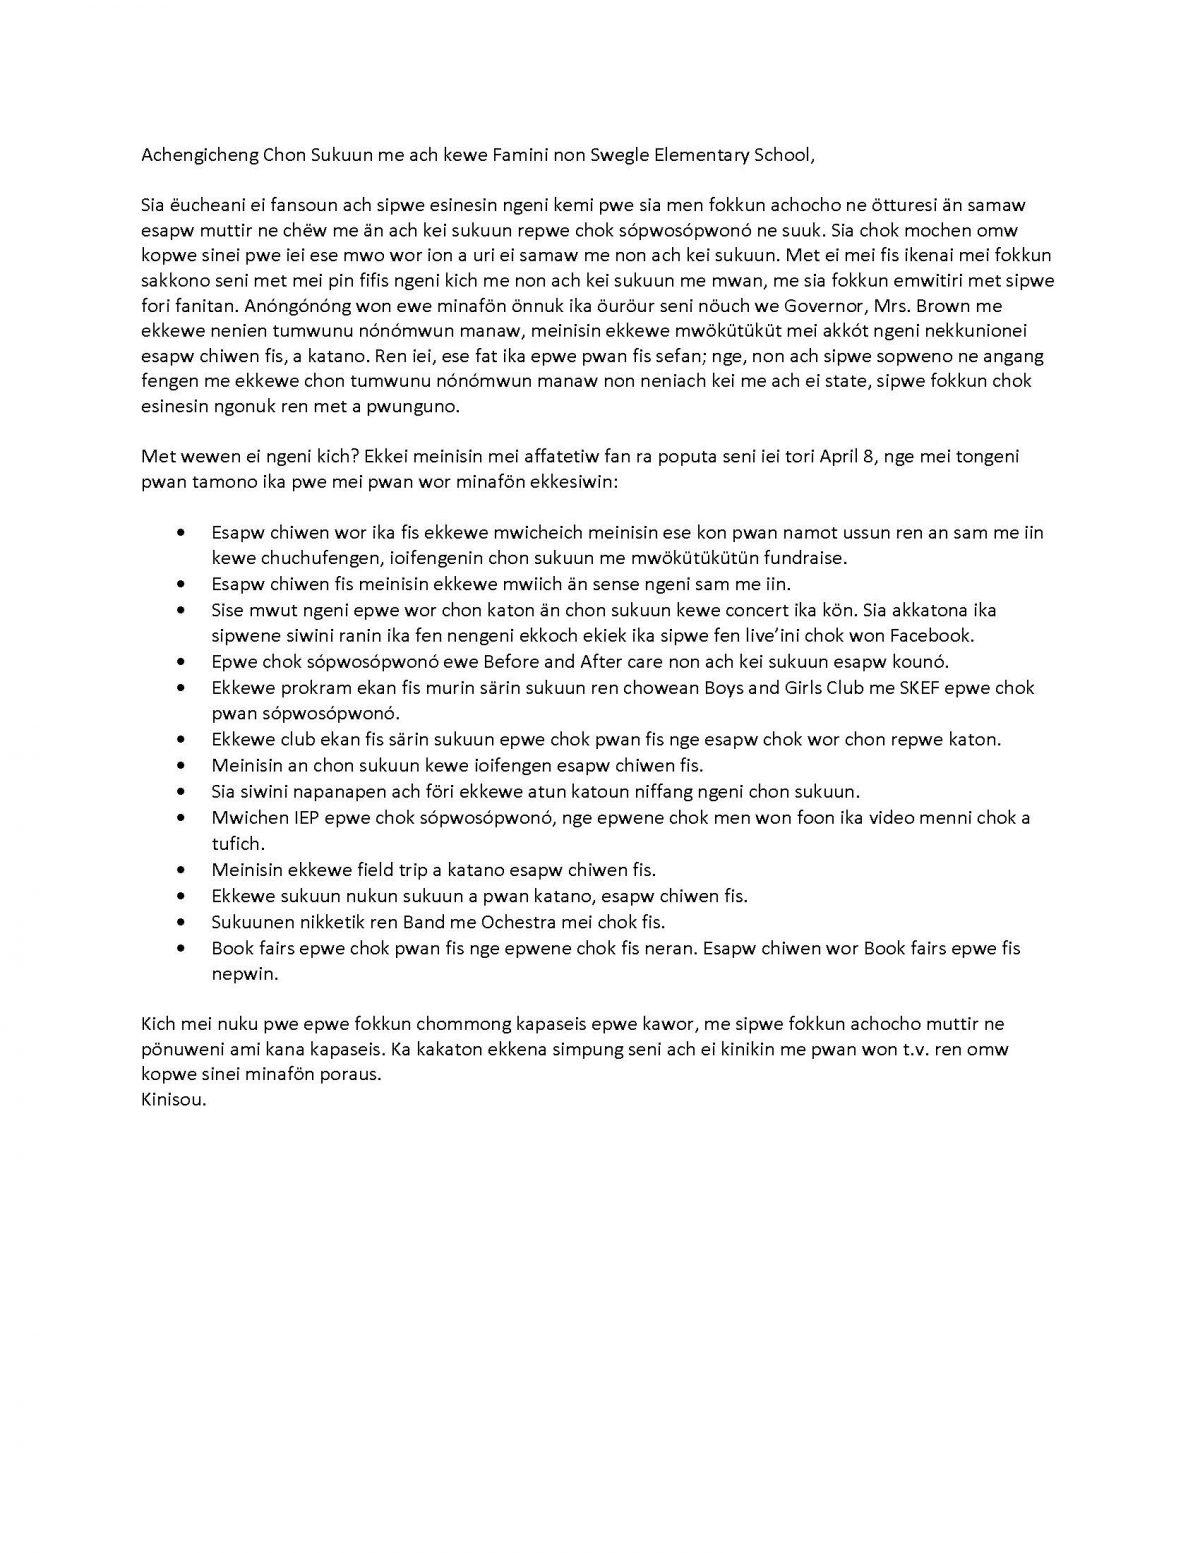 Chuukese COVID Info